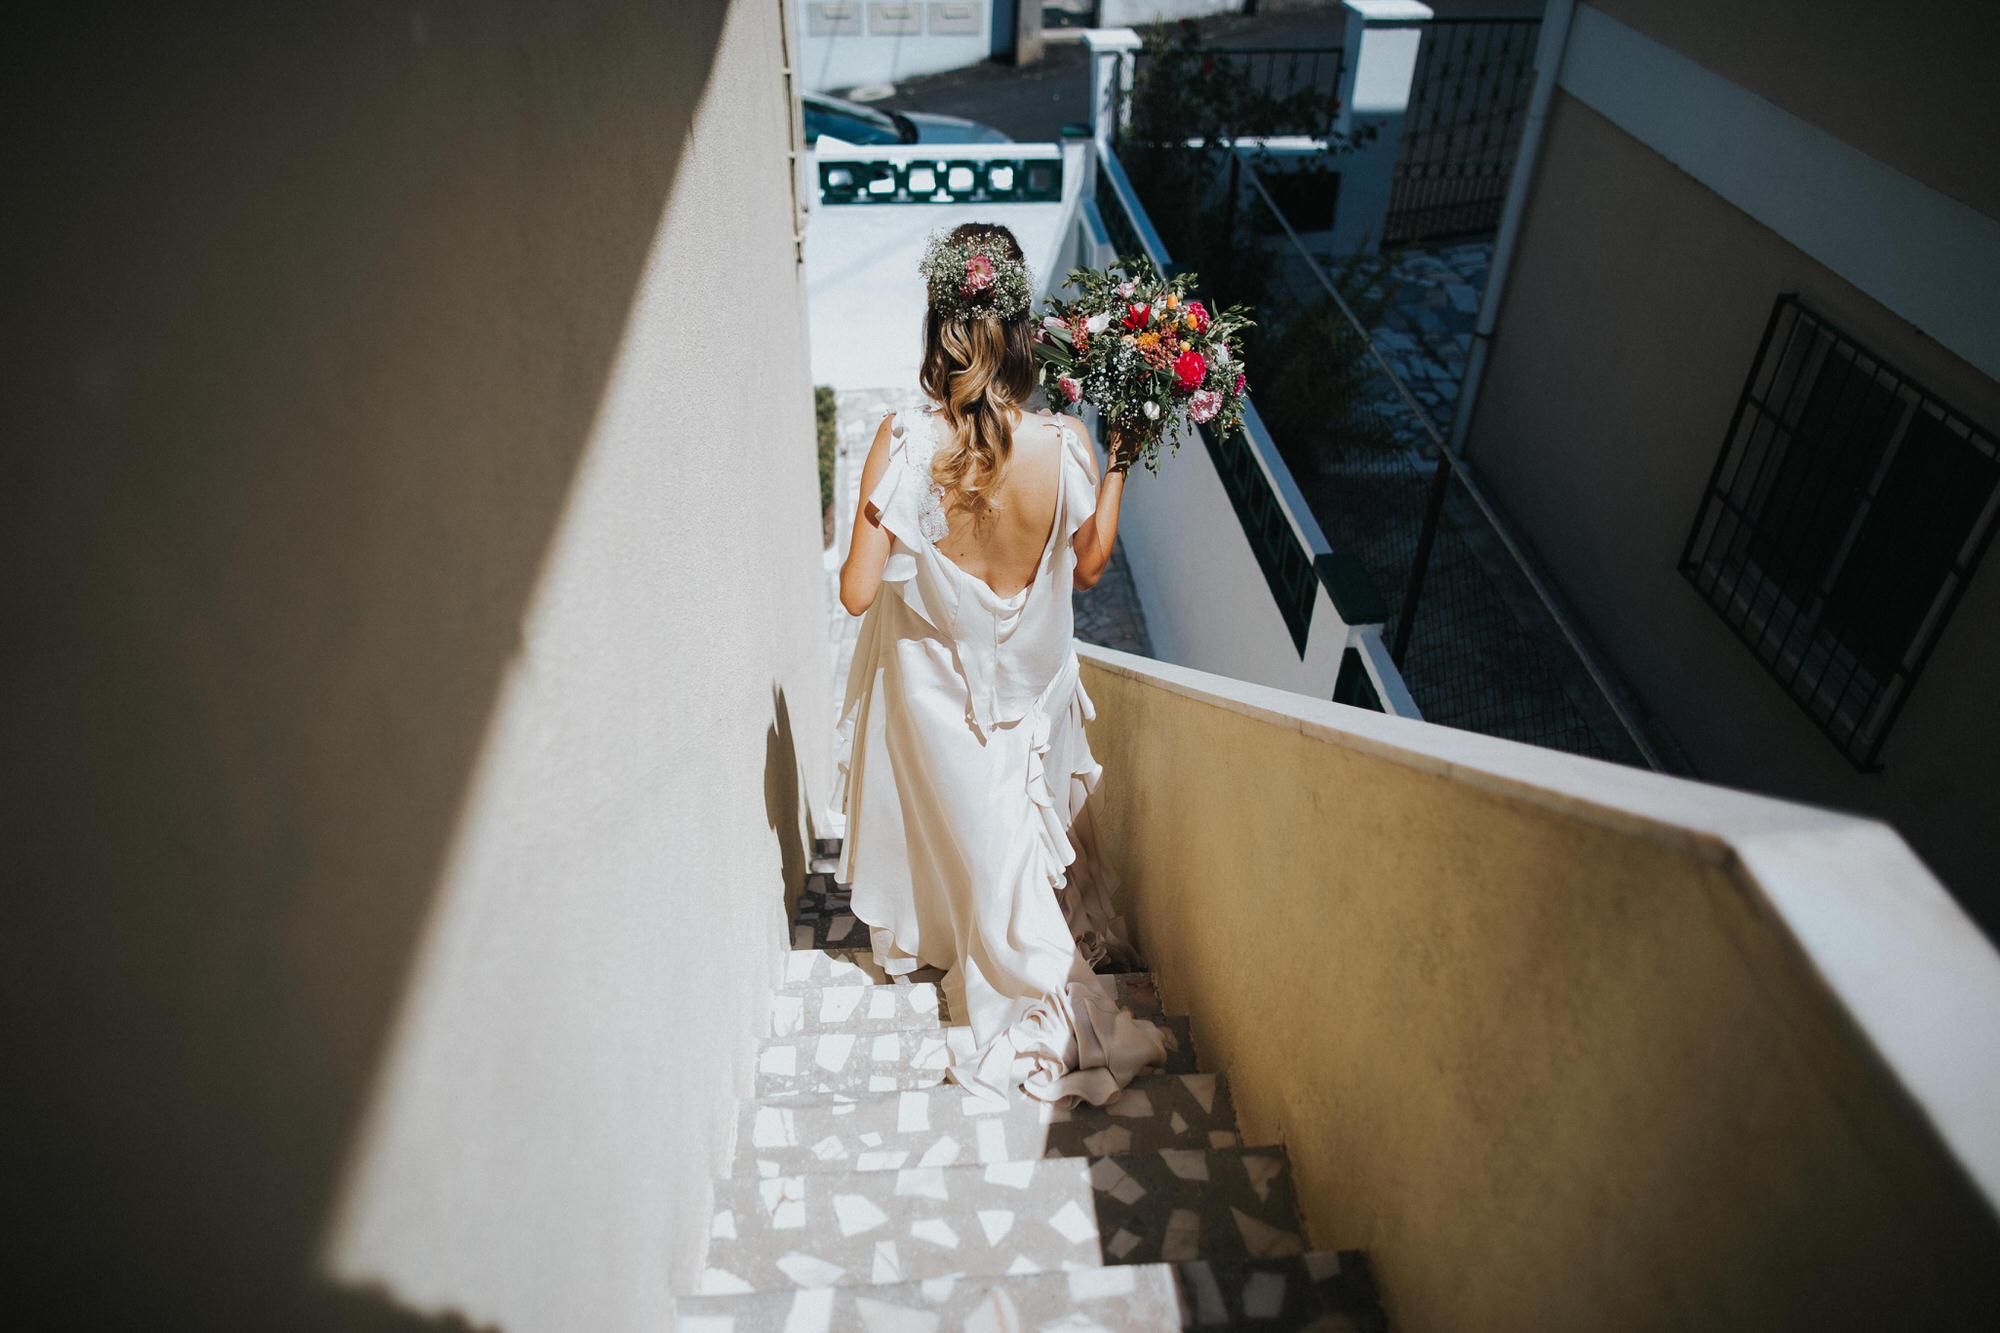 Filipe Santiago Fotografia-fotografo-malveira-lisboa-cascais-mafra-melhores-reportagem-wedding-photography-portugal-lisbon-best-natural-casamentos-lifestyle-bride-ideias-rustic-boho-hair-mackup-damas-preparativos-preparations-bridemaids-dress-shoes-bouquet-back